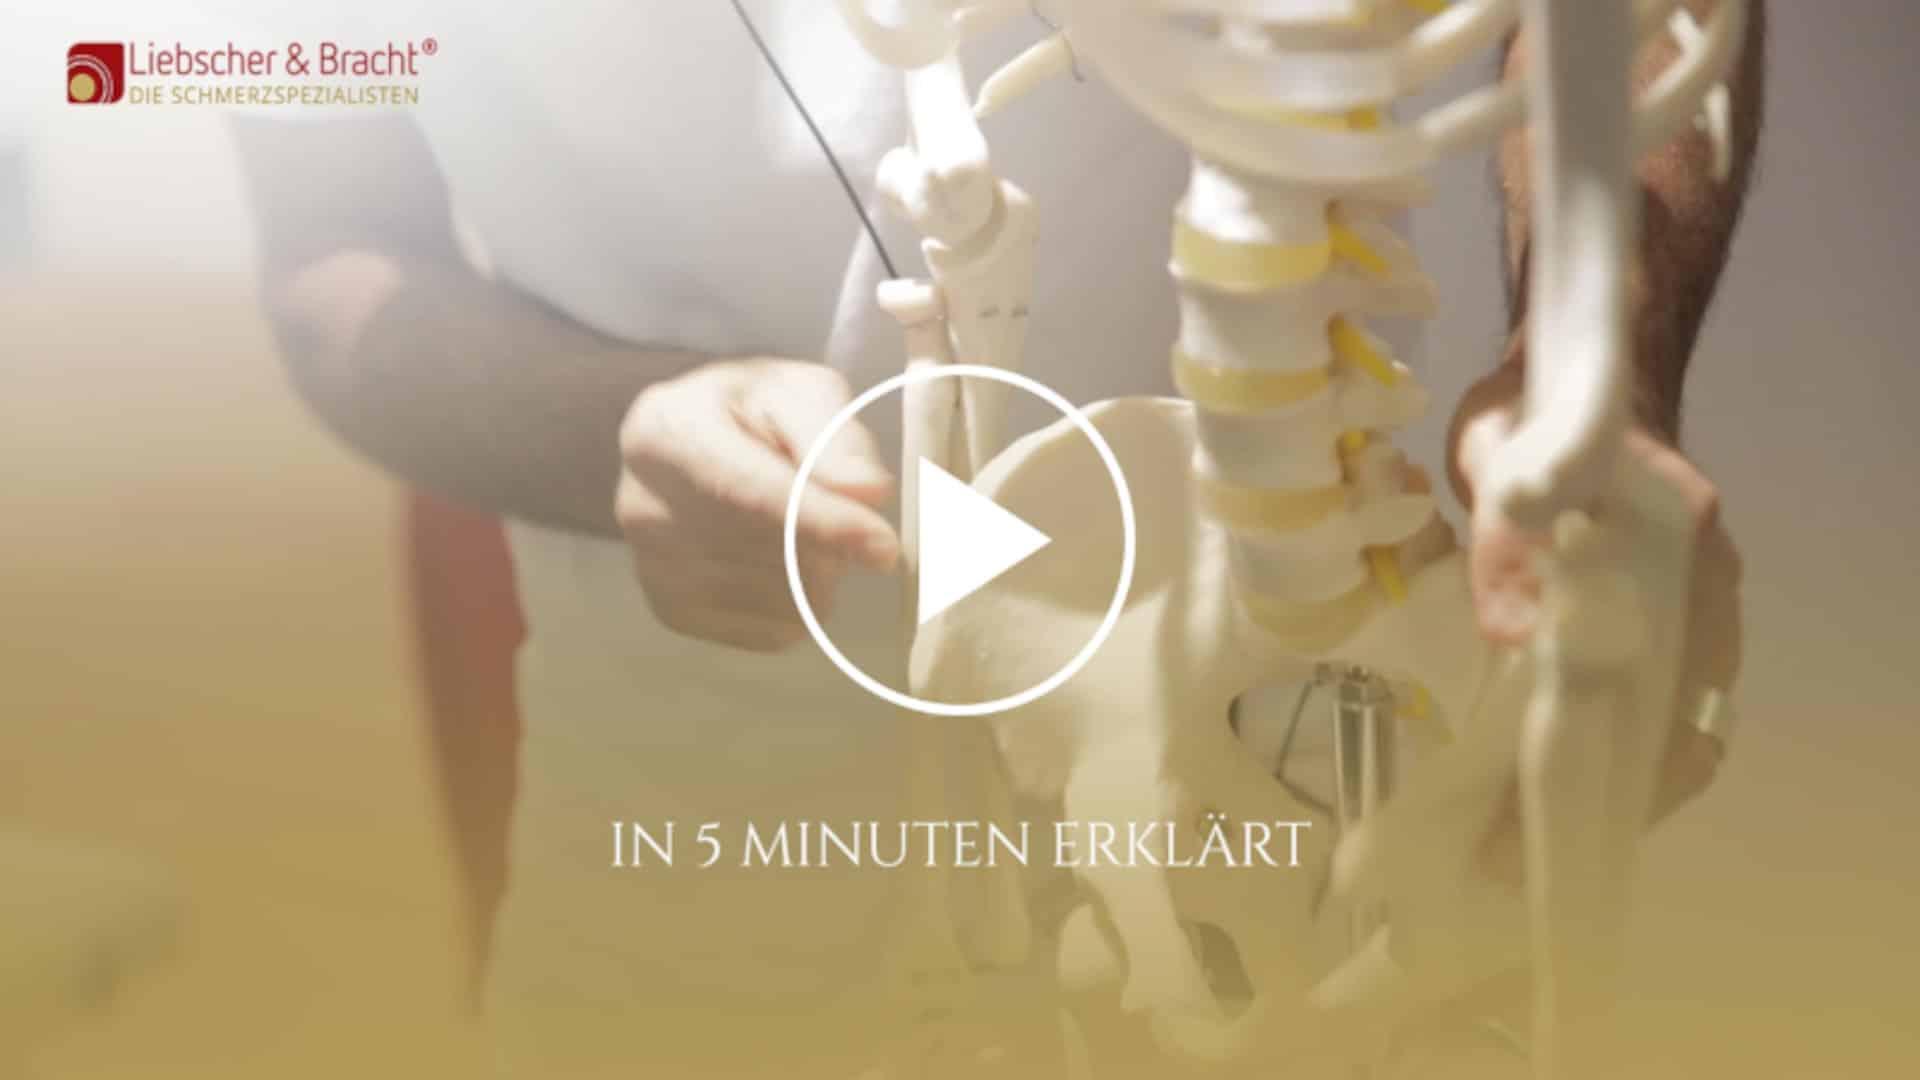 Liebscher und Bracht Videolink